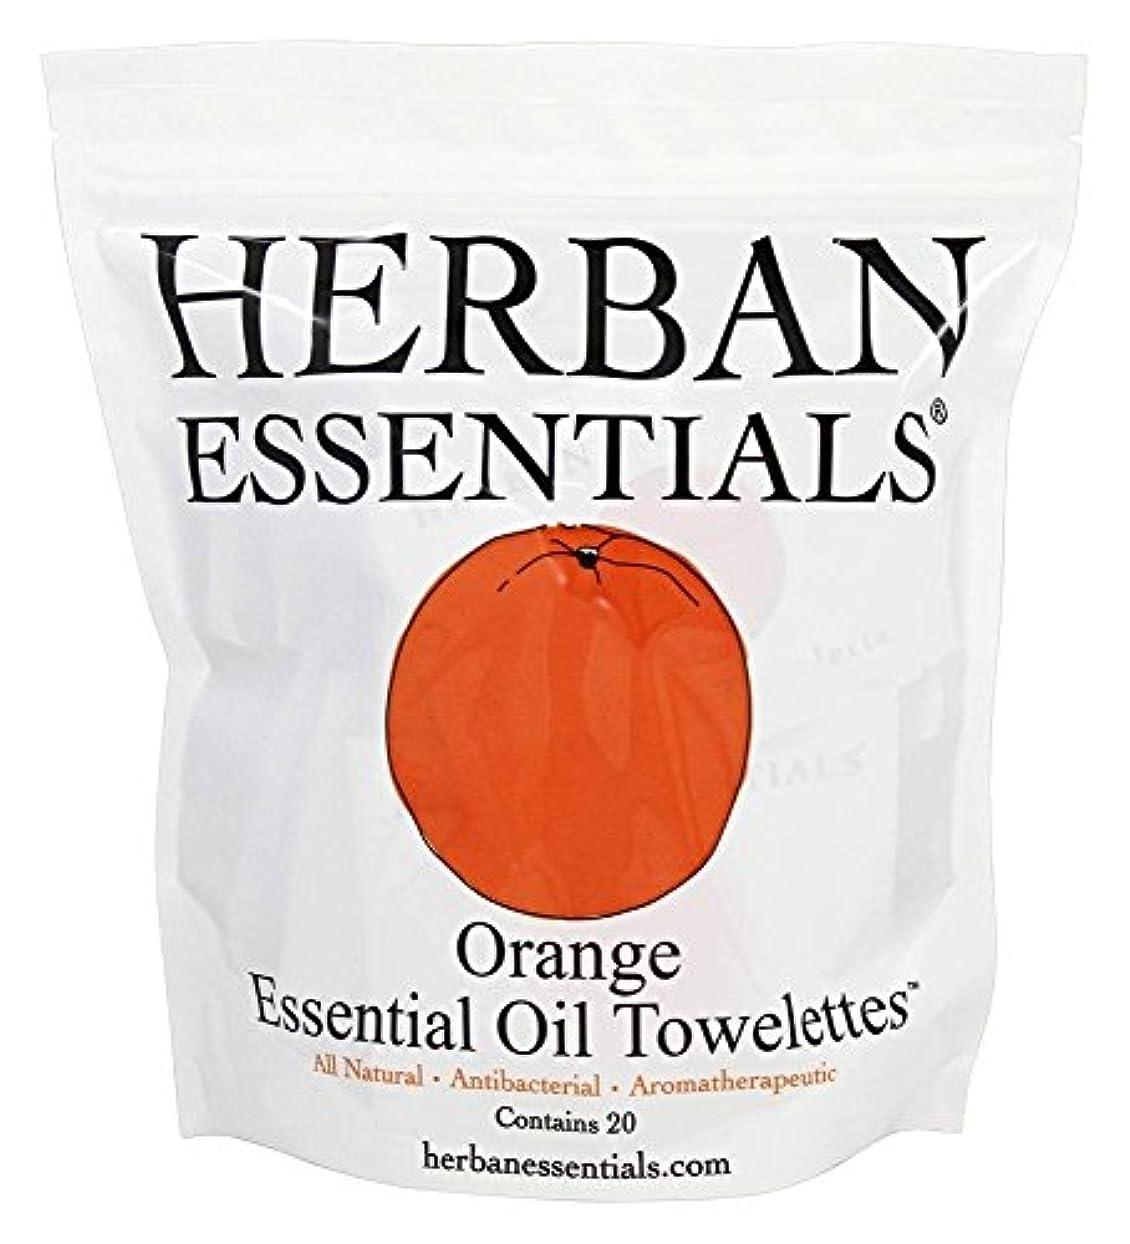 文おとこ懲らしめハーバンエッセンシャルズ HERBAN ESSENTIALS アロマタオル オレンジ 20包